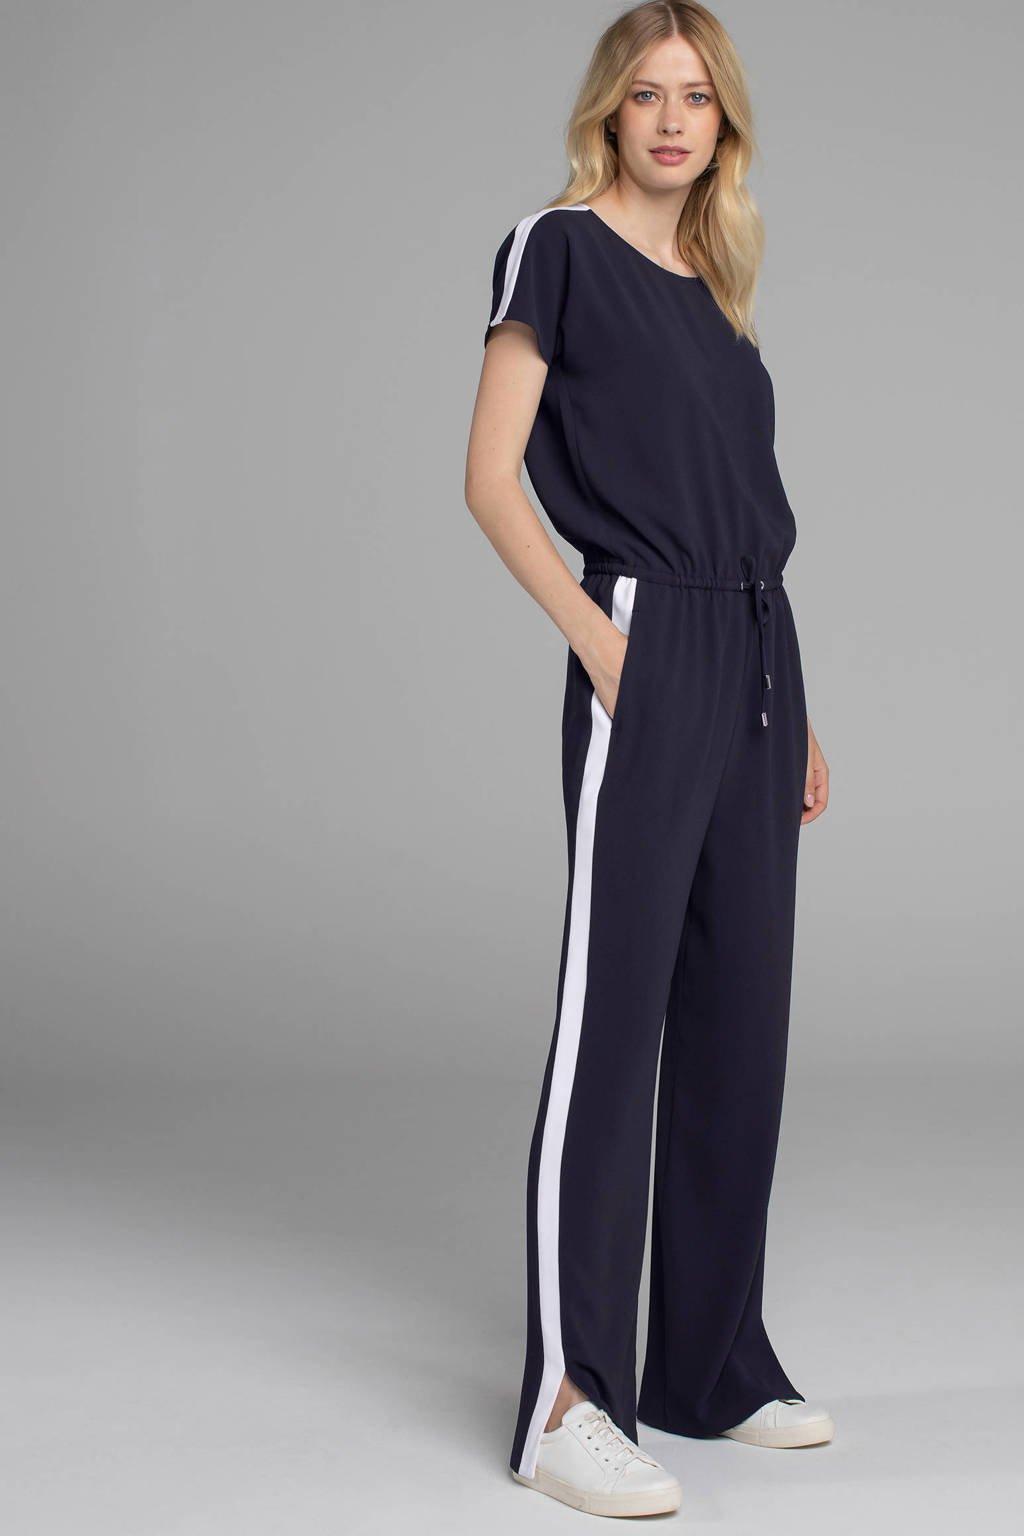 Claudia Sträter jumpsuit met zijstreep marine/wit, Marine/wit